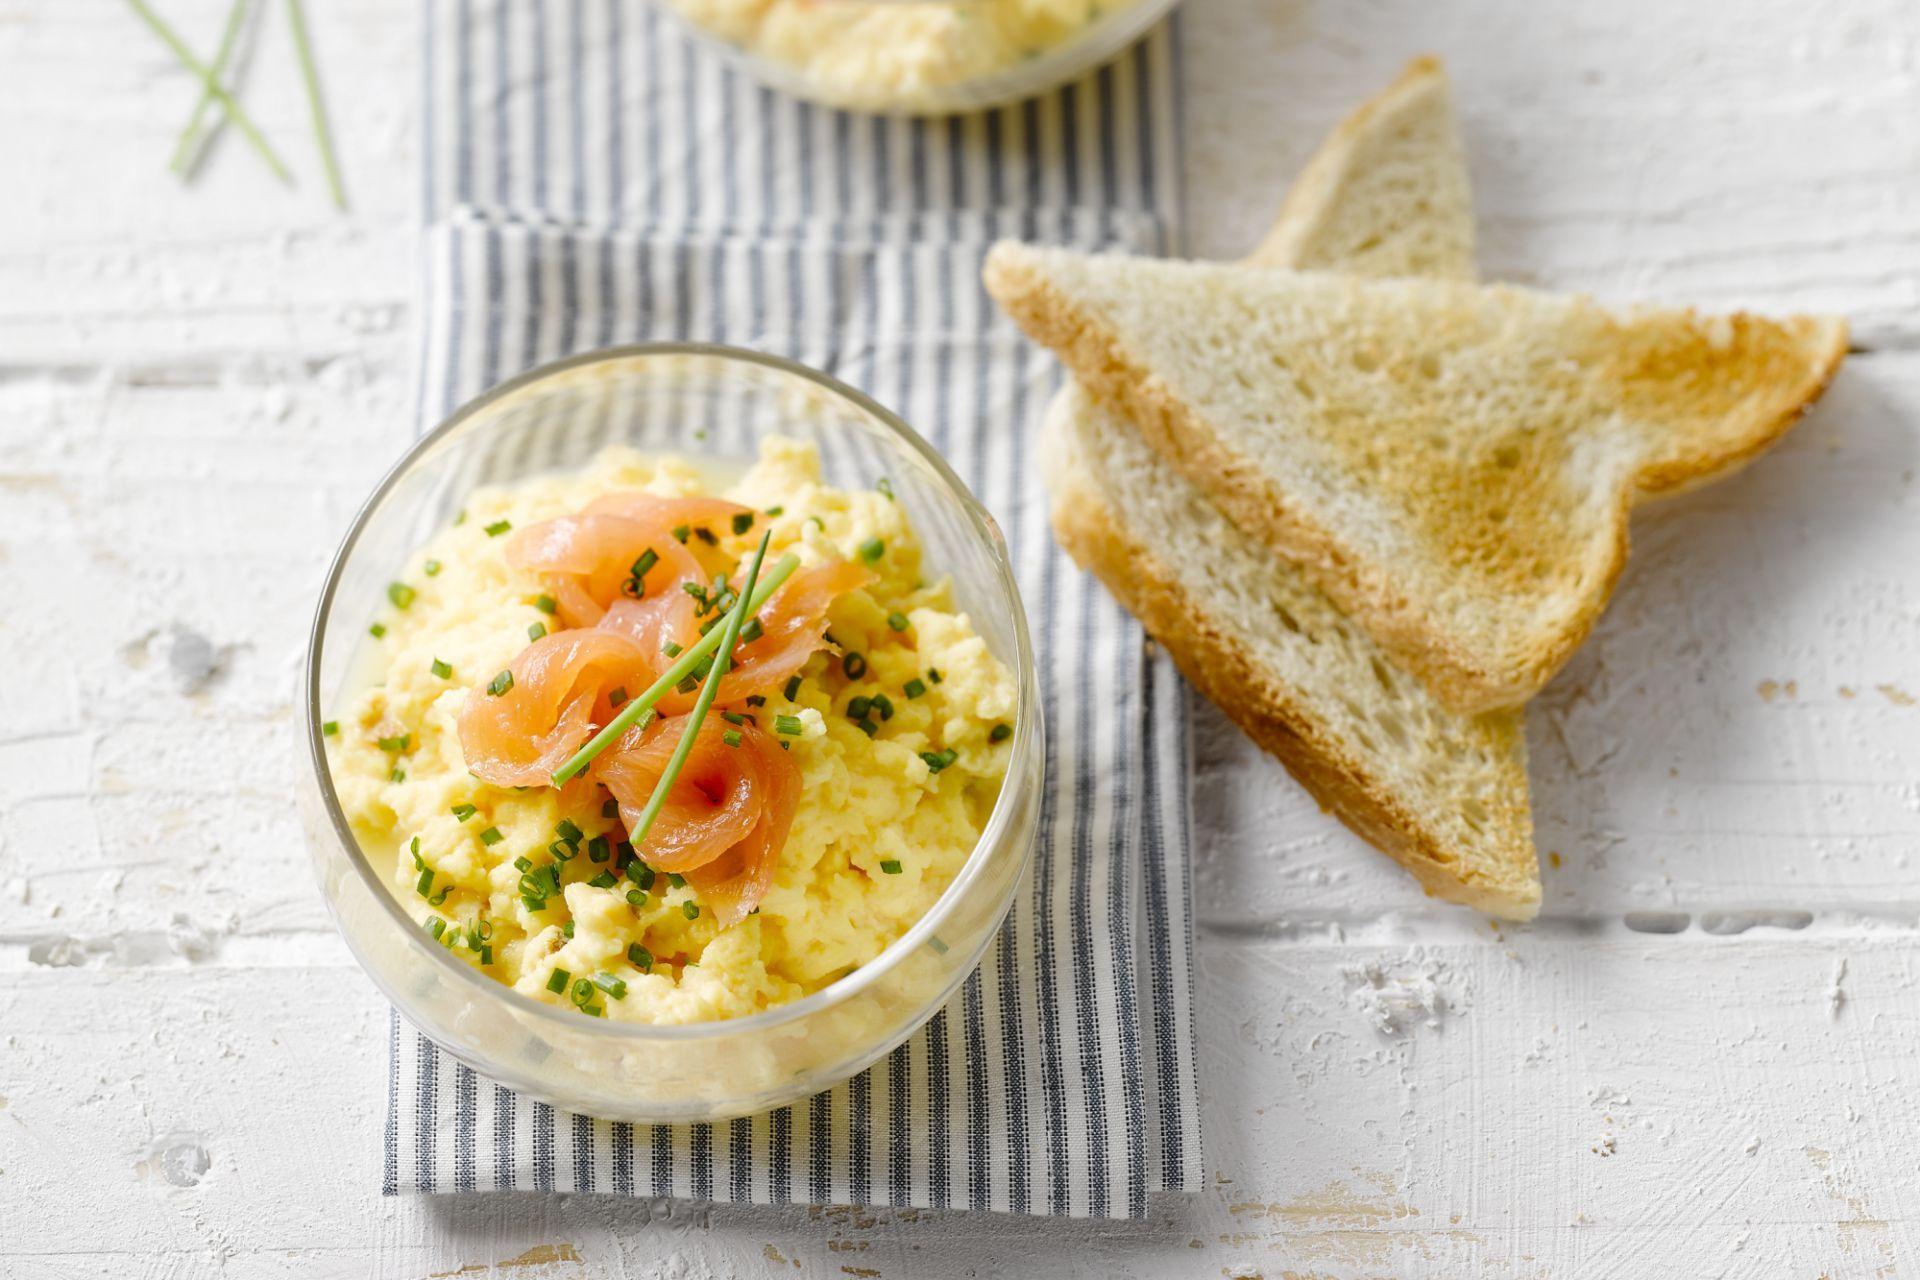 eigerecht - gerookte zalm, eieren, ... - Klop de eieren los met de room. Breng op smaak met peper en zout. Roer er de helft van de bieslook onder.